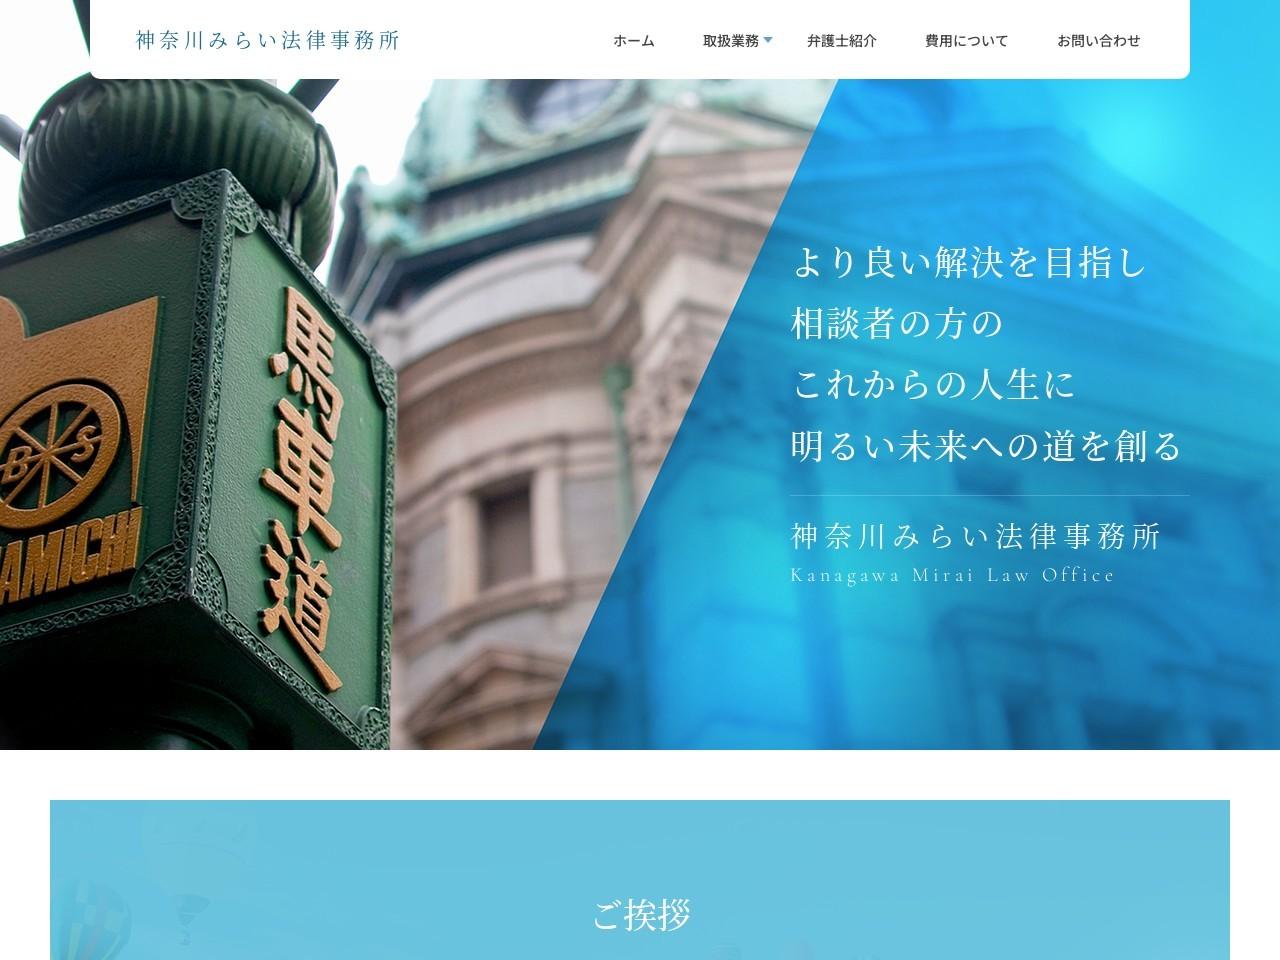 神奈川みらい法律事務所